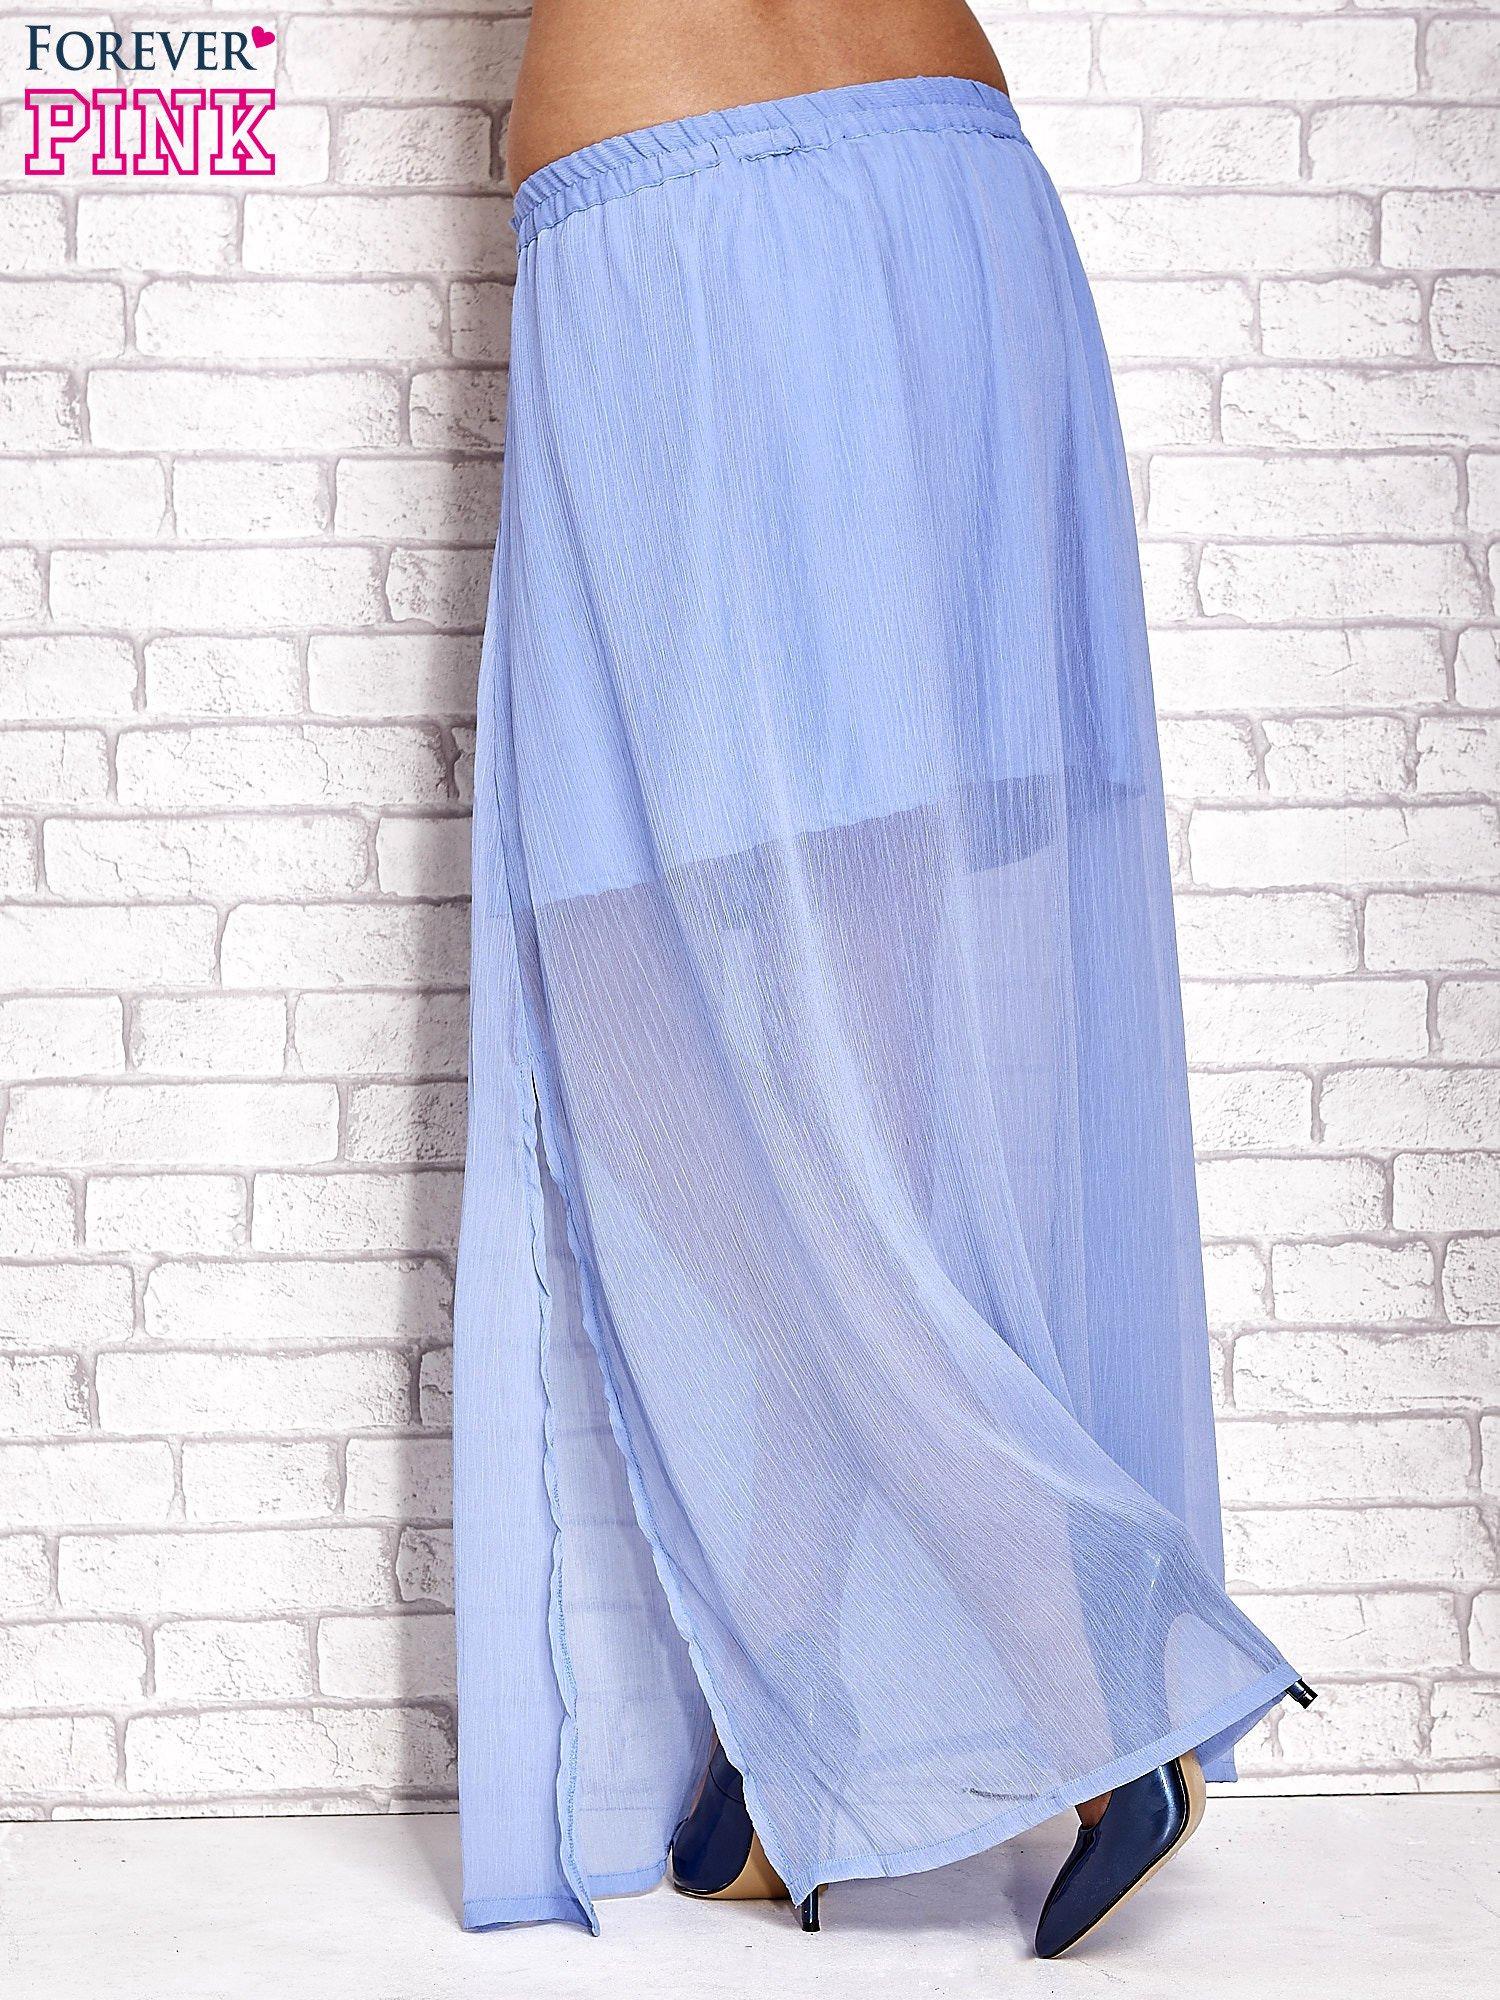 Jasnoniebieska transparentna spódnica maxi                                  zdj.                                  4